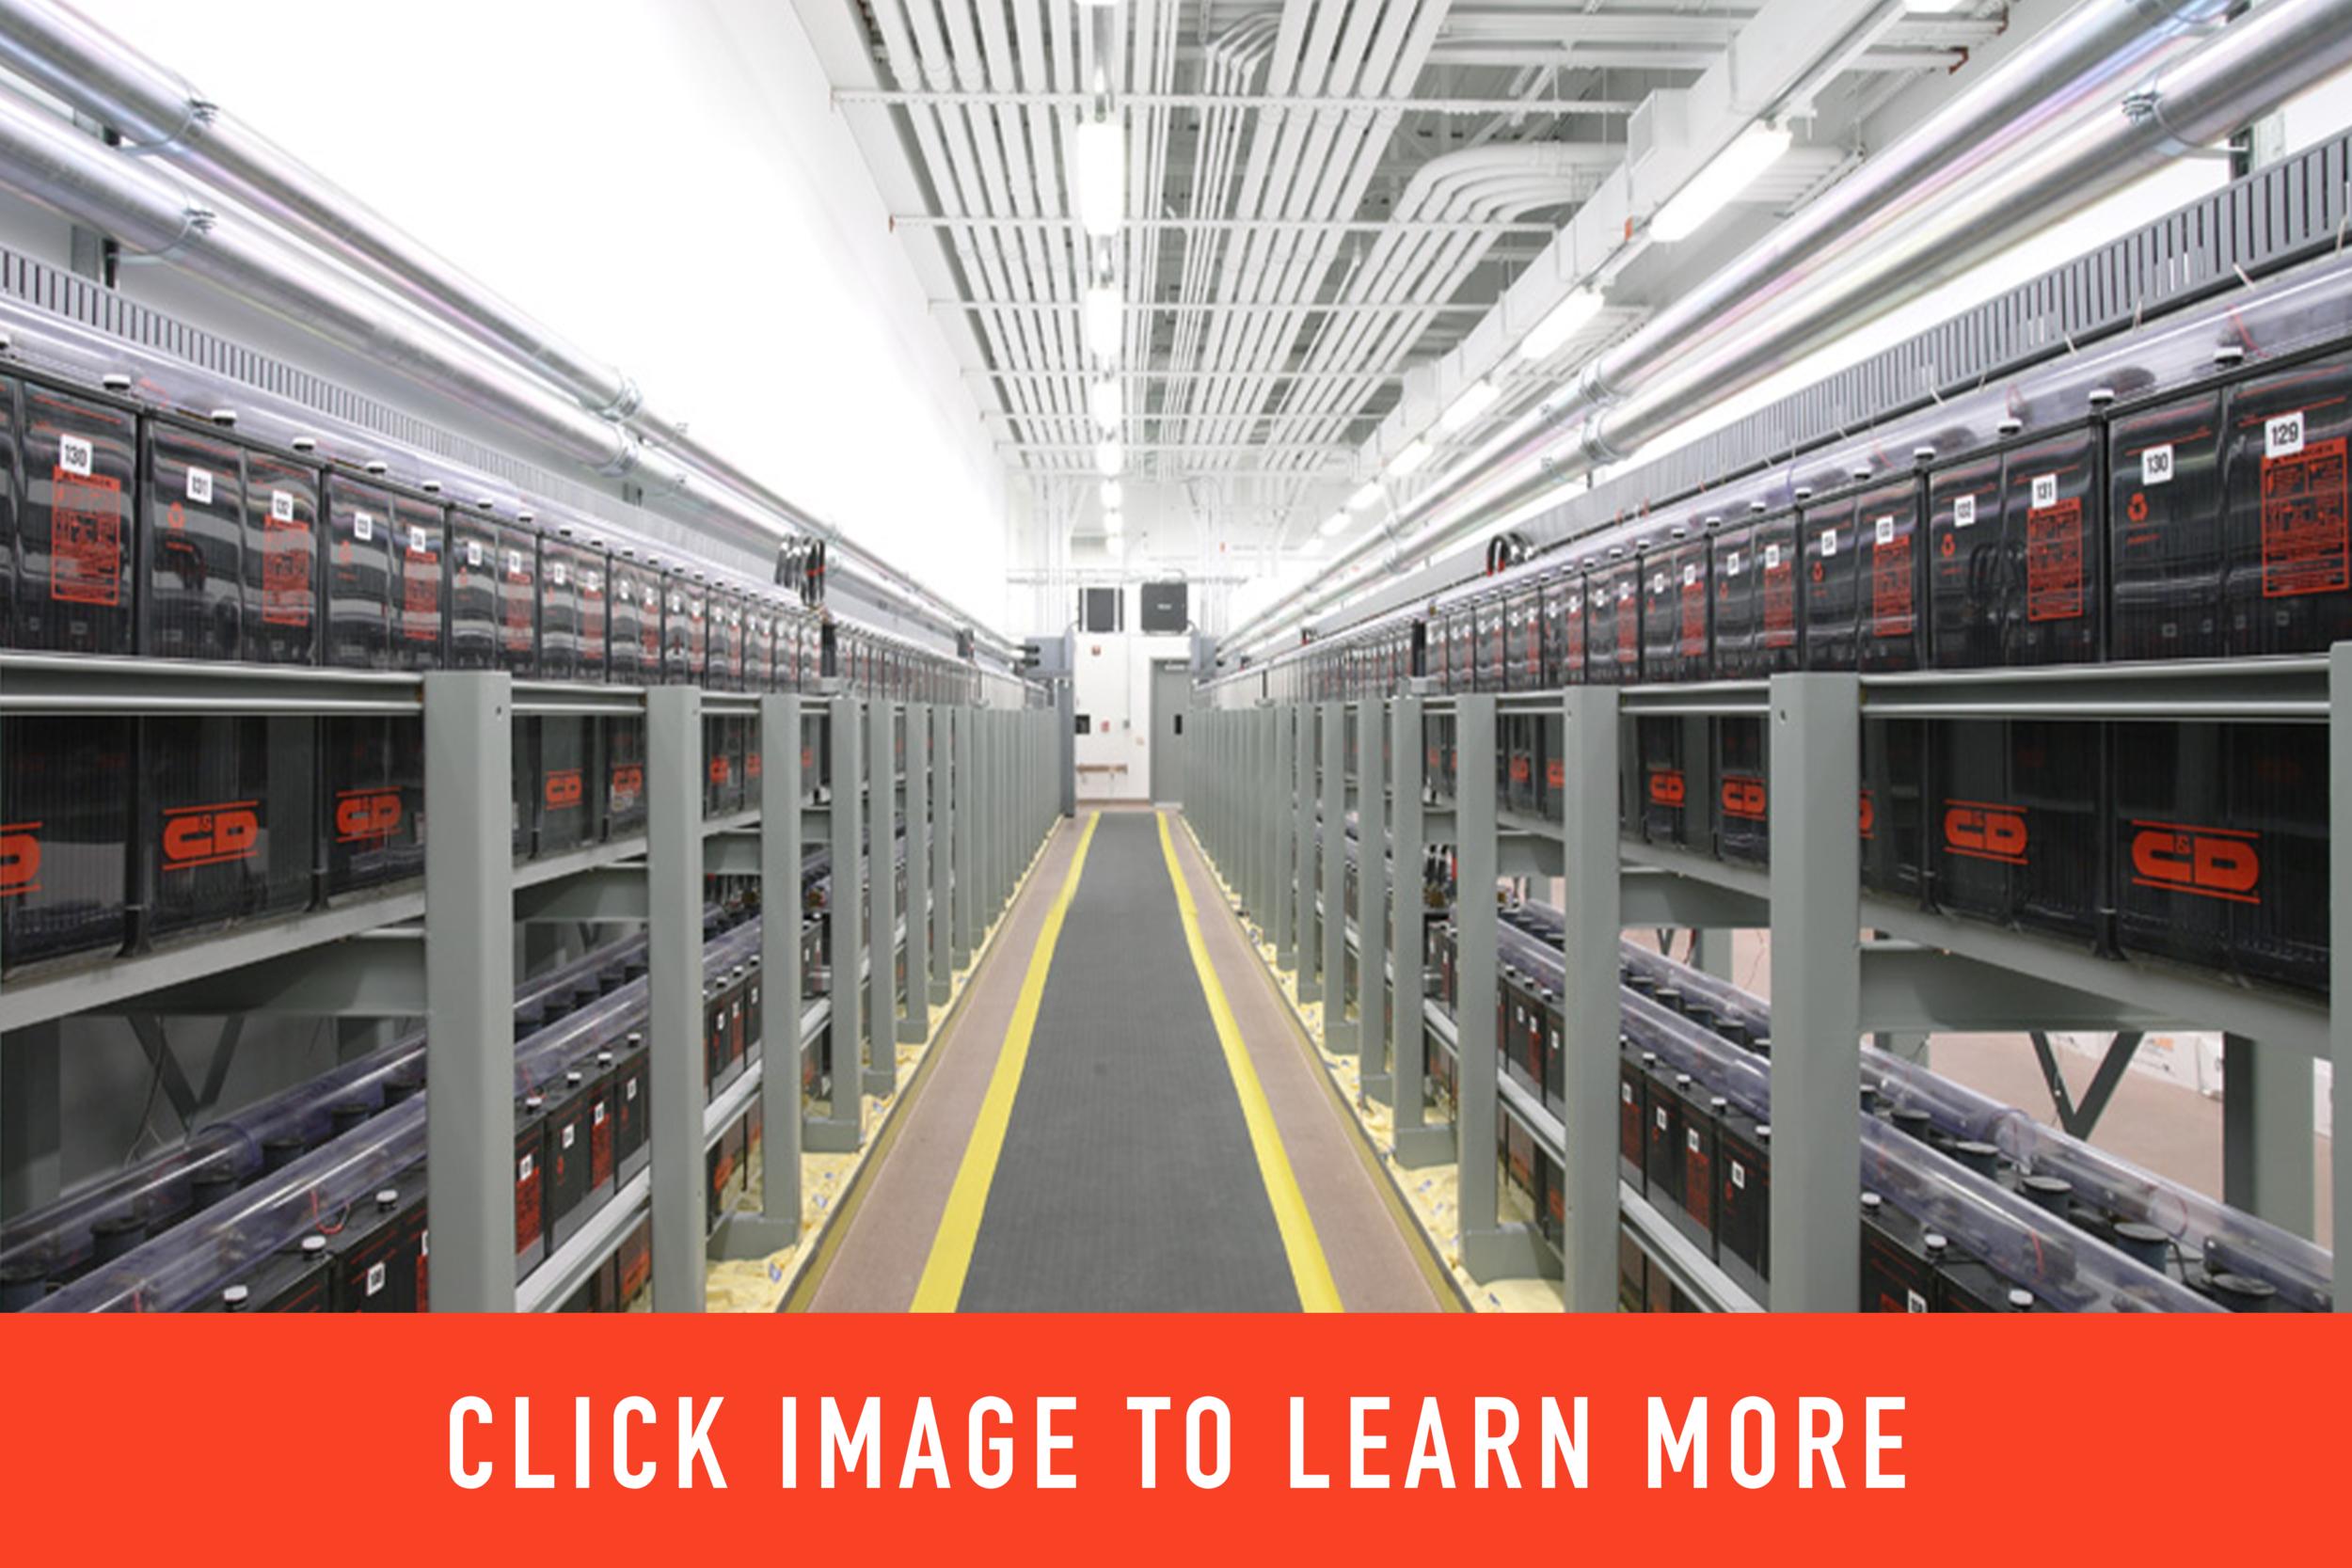 UBS Data Center